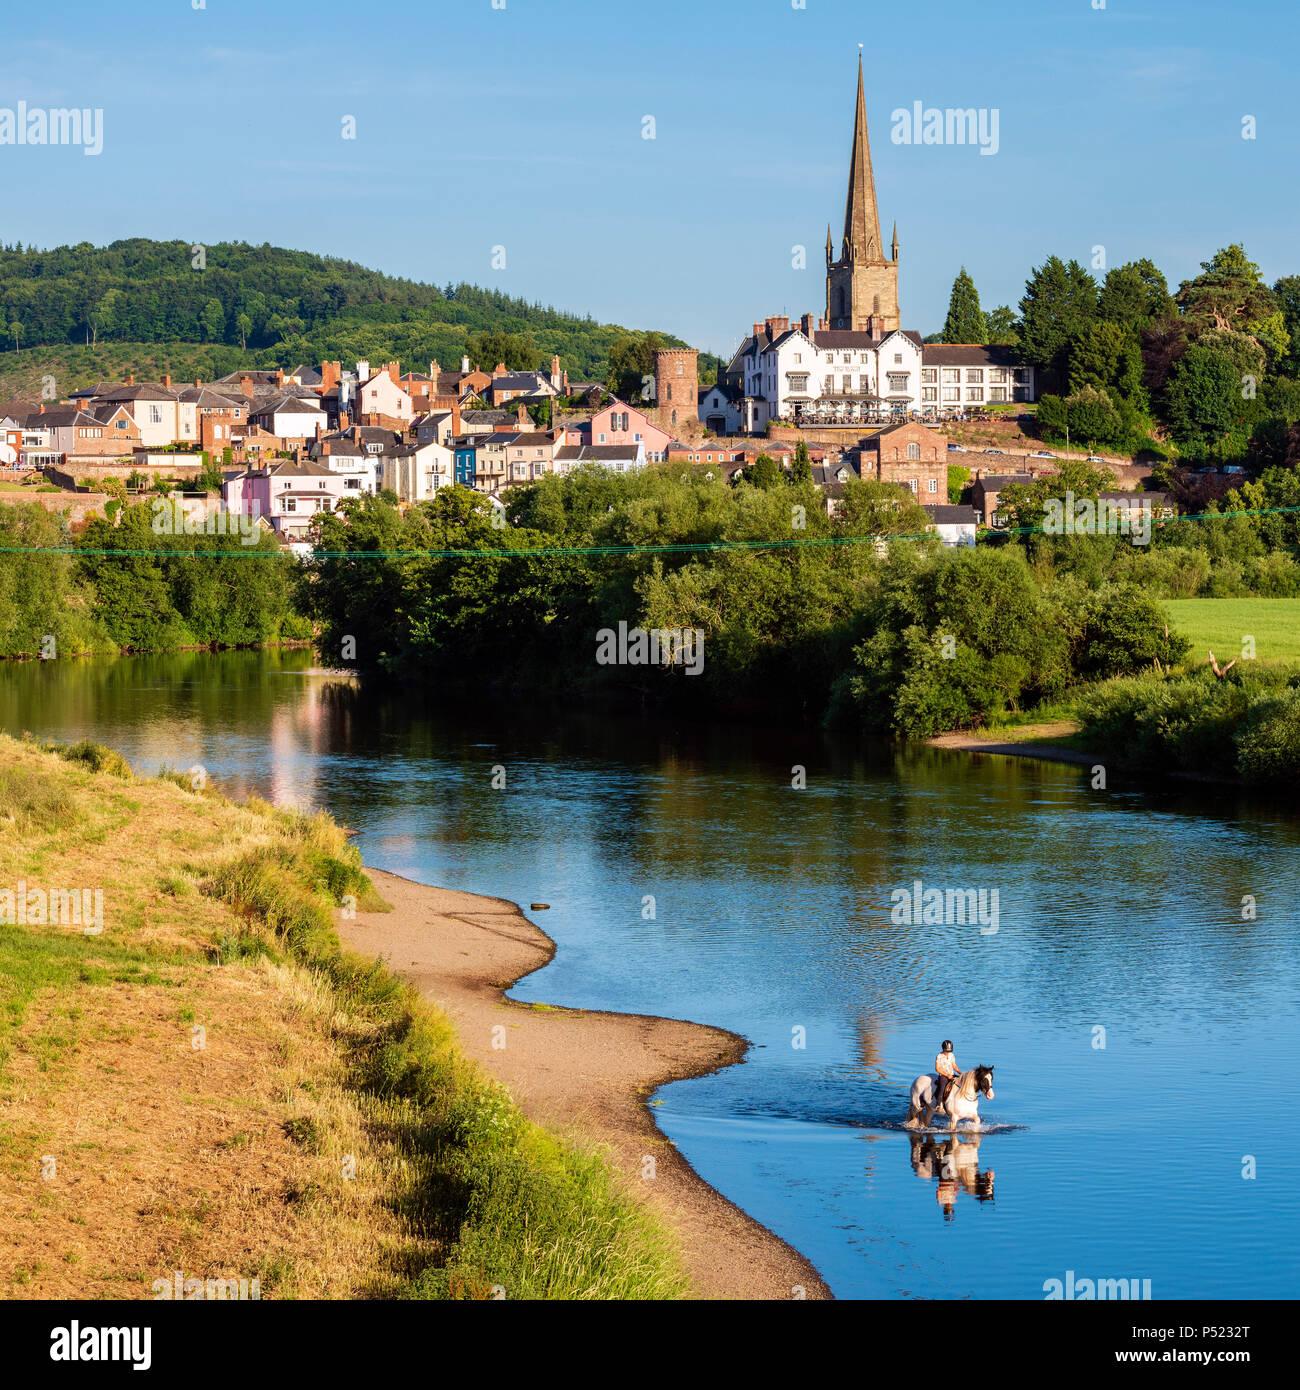 Ross On Wye, Herefordshire, Reino Unido. Fotografiado en una tarde de verano. Caballos y jinetes refrescarse en el río. Foto de stock